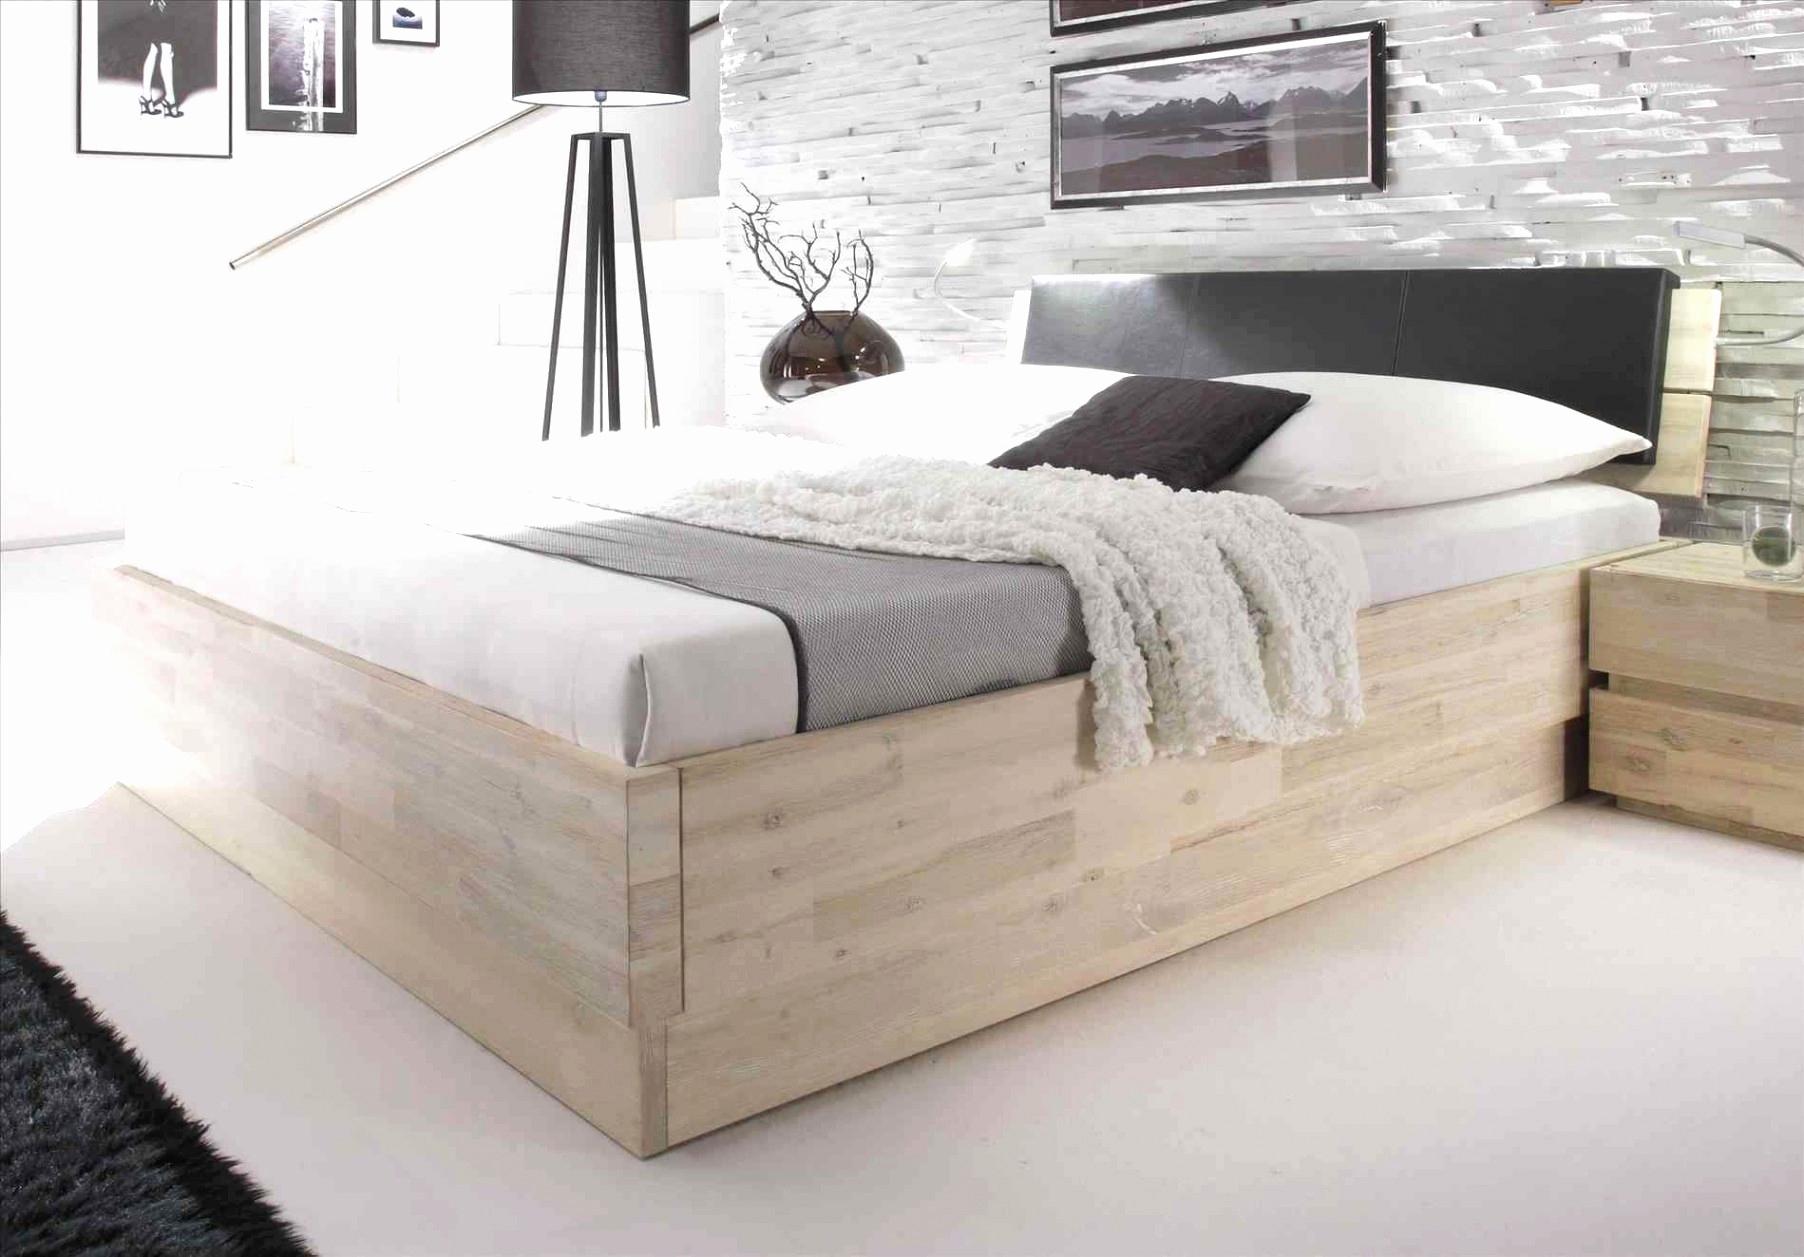 Full Size of Bett 120x200 Ohne Kopfteil Ikea Delaktig Bed Frame With Headboard Ebay Betten Aus Paletten Kaufen 160x200 Weiß 90x200 120x190 Schutzgitter Mit Schubladen Holz Wohnzimmer Bett 120x200 Ohne Kopfteil